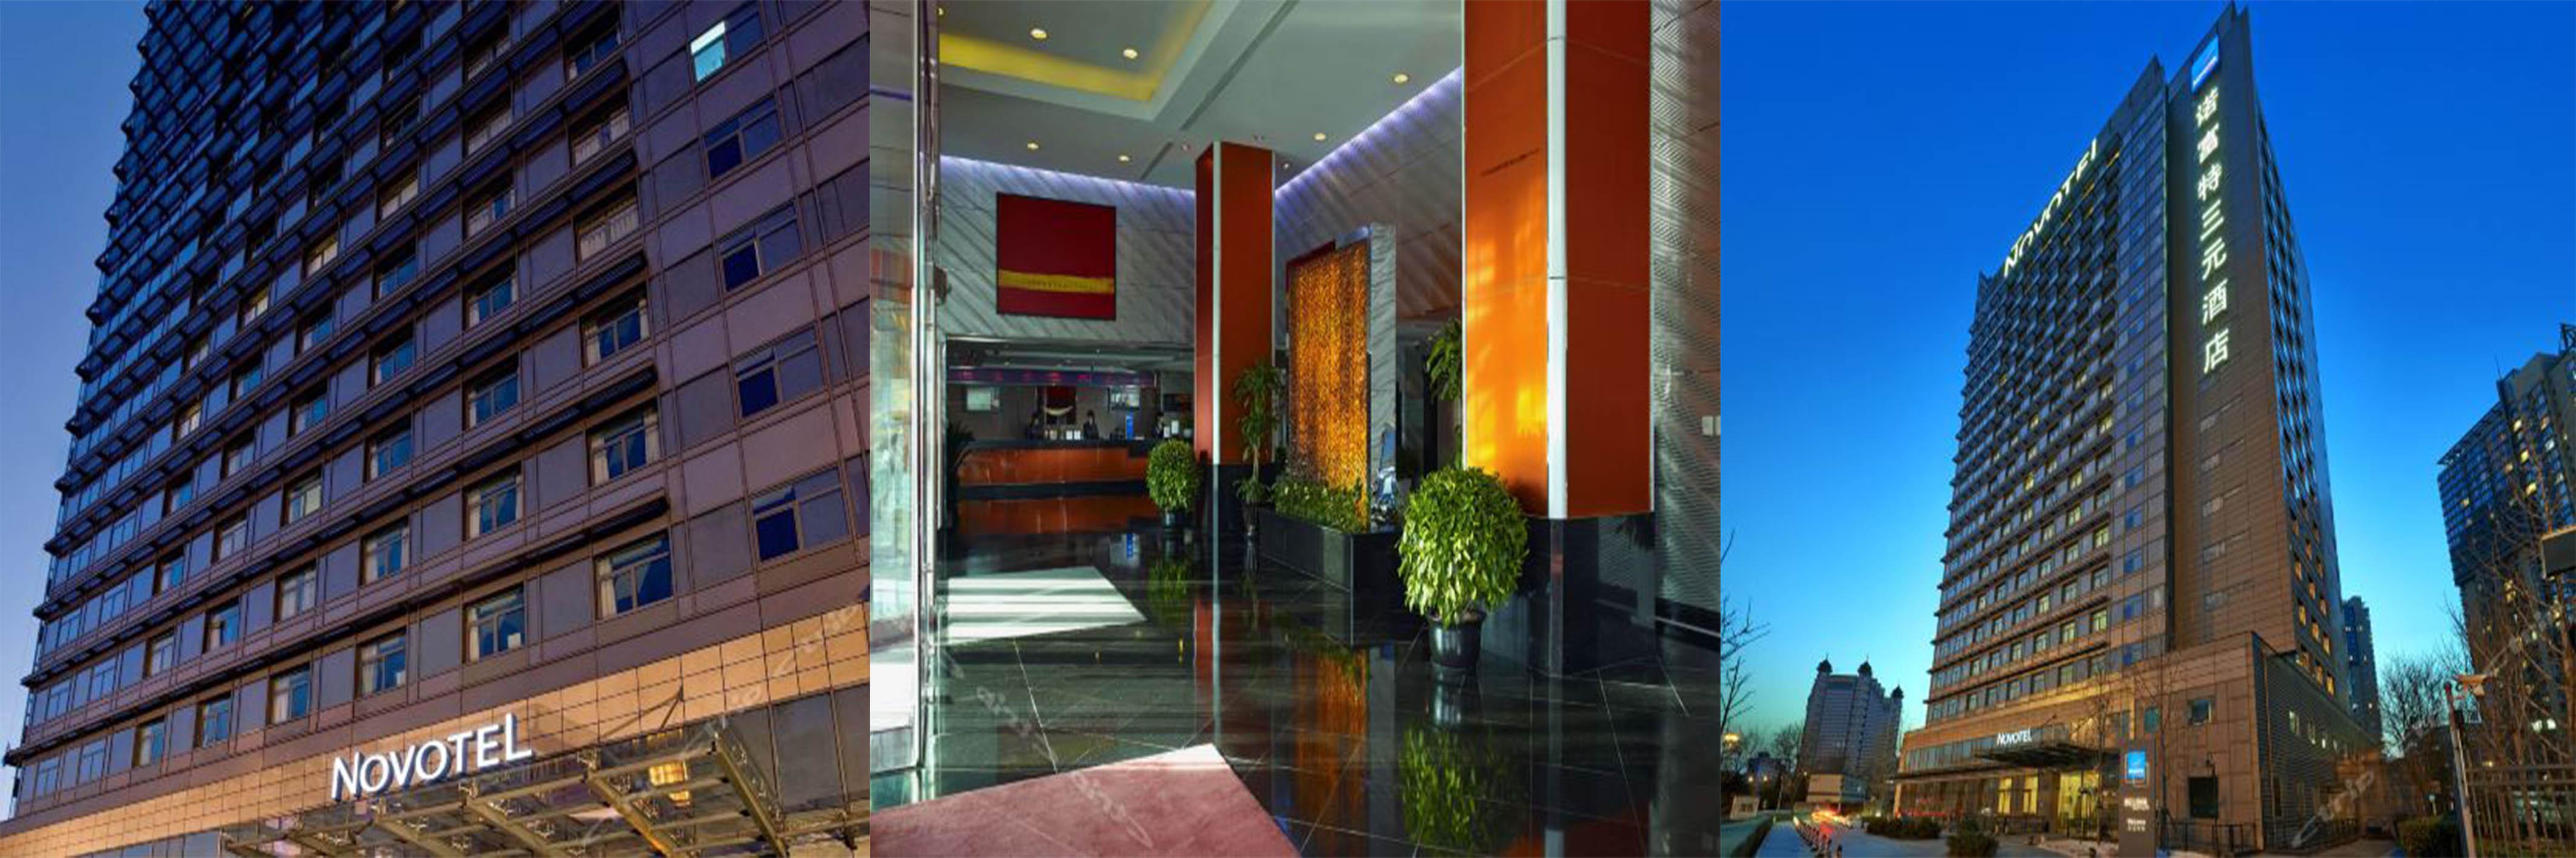 法国雅高品牌诺富特酒店